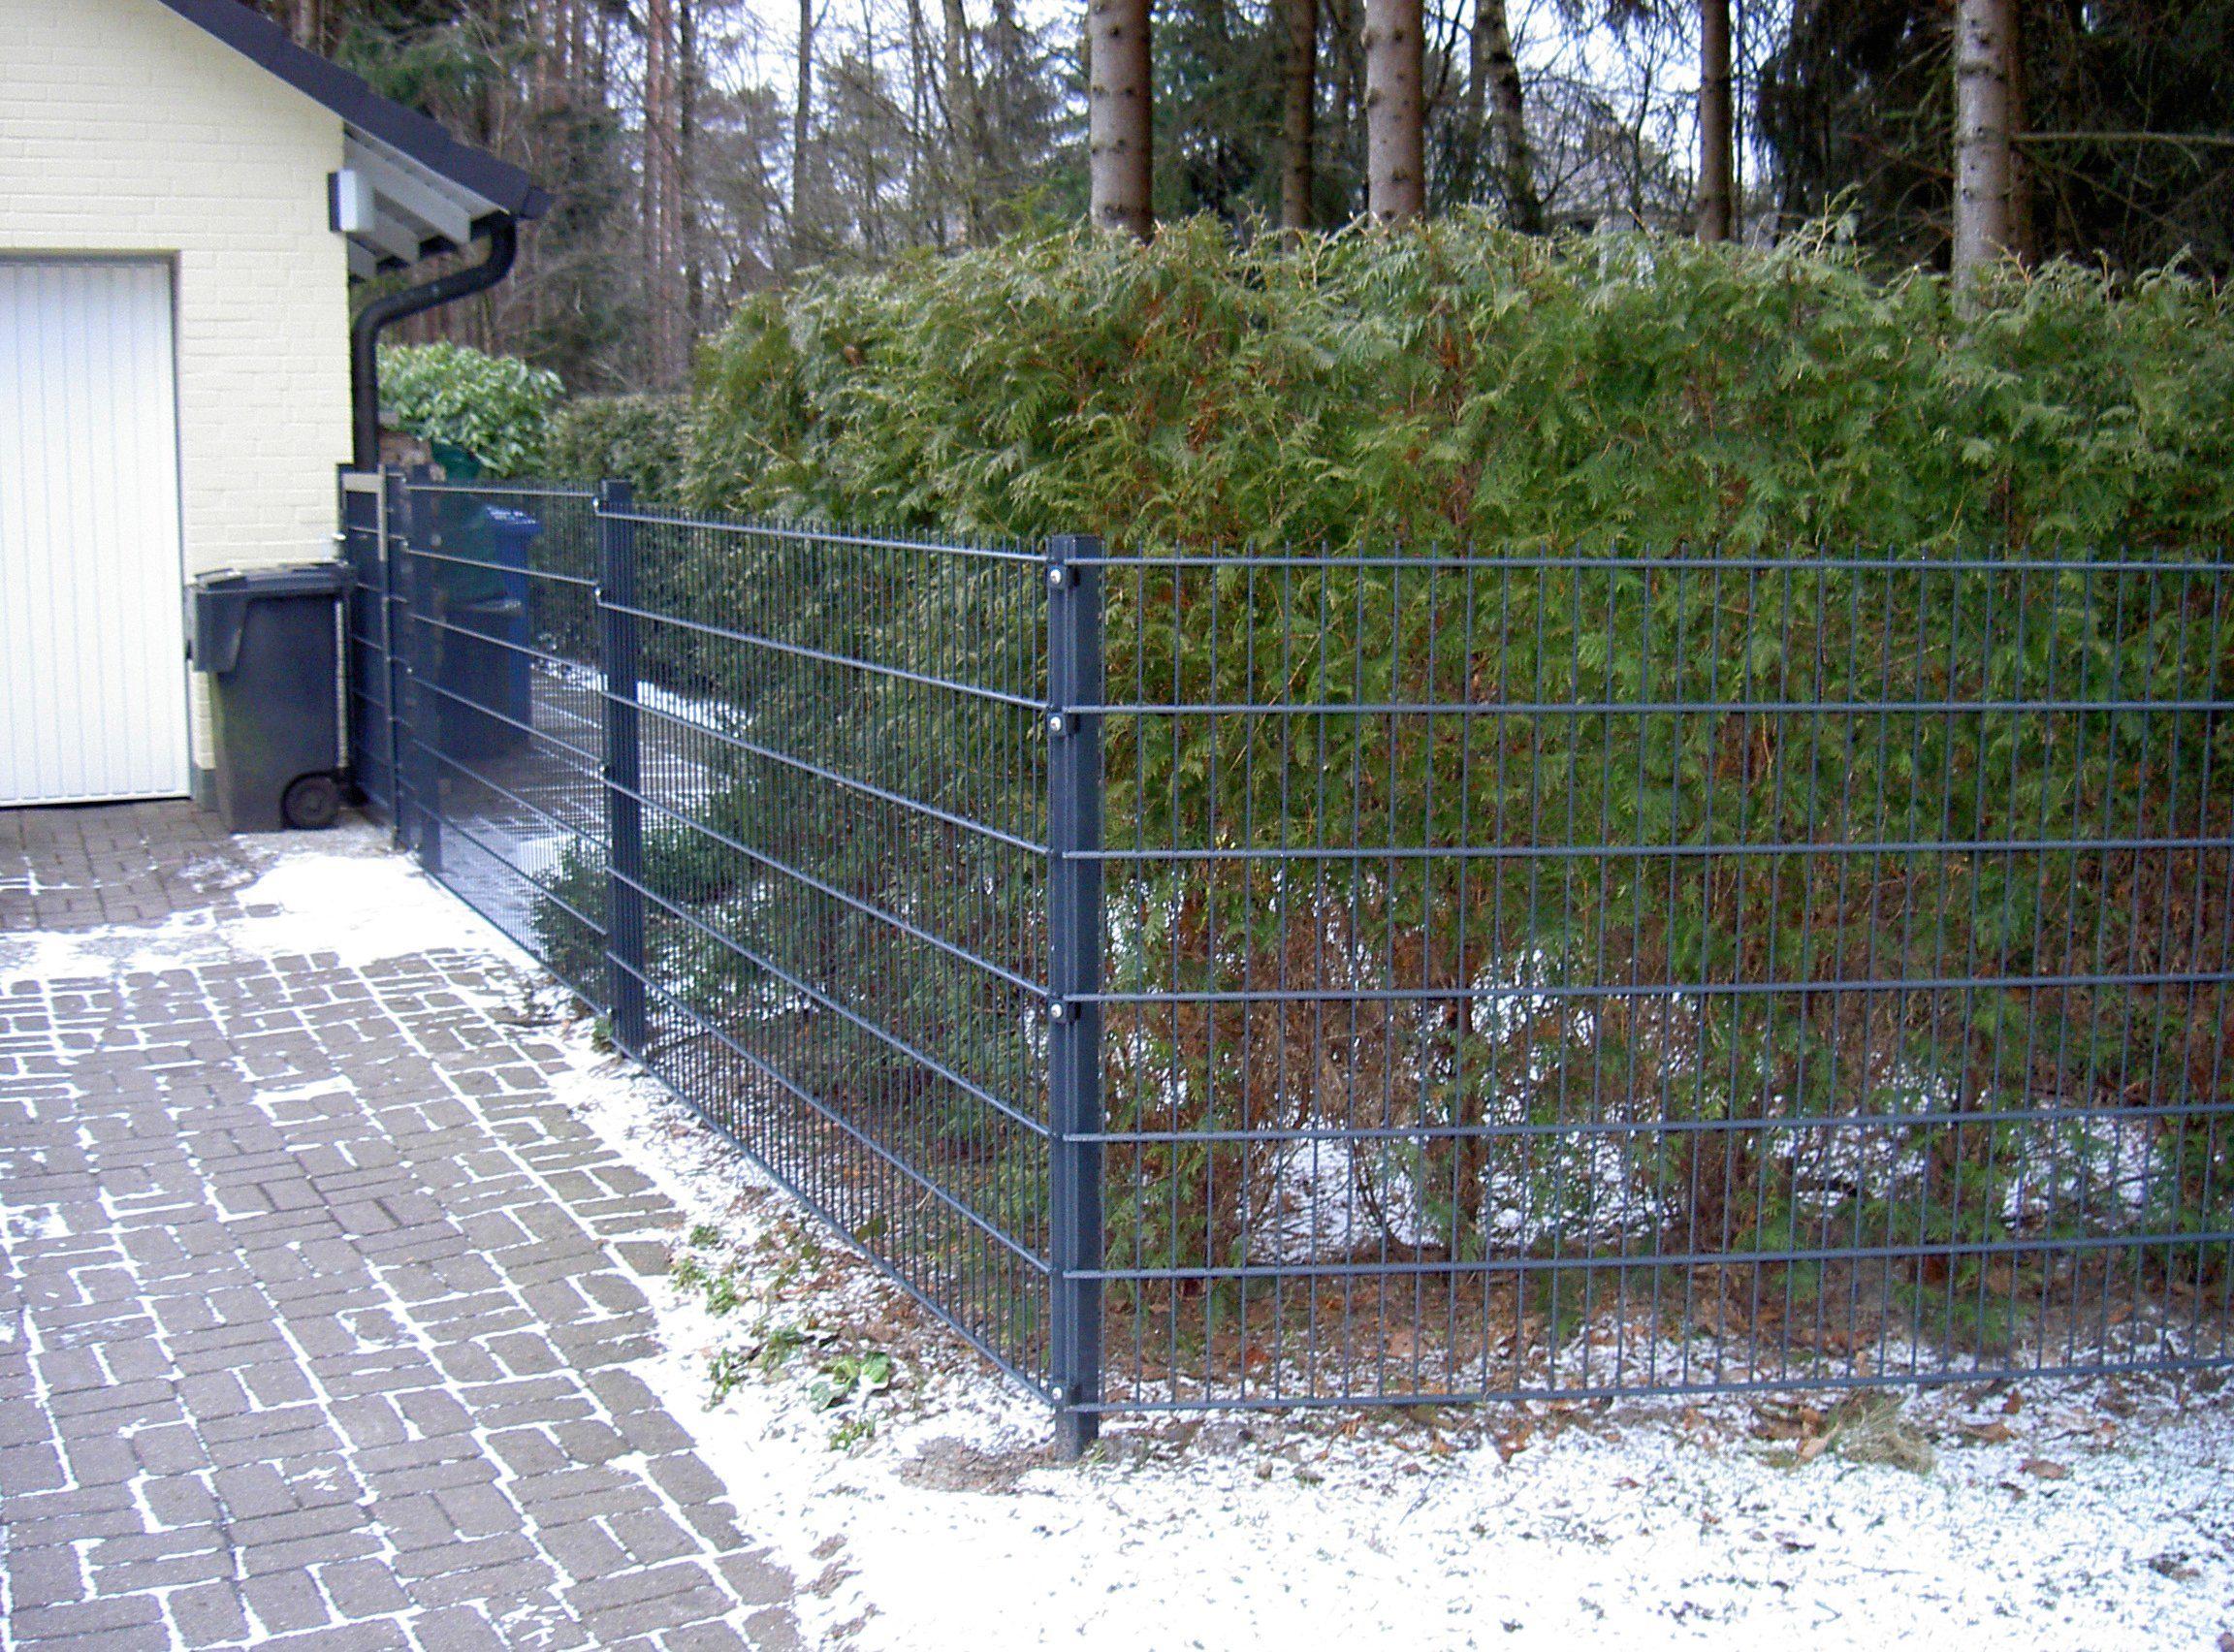 PEDDY SHIELD Einstabmattenzaun 125 cm hoch, 5 Matten für 10 m Zaun, mit 6 Pfosten